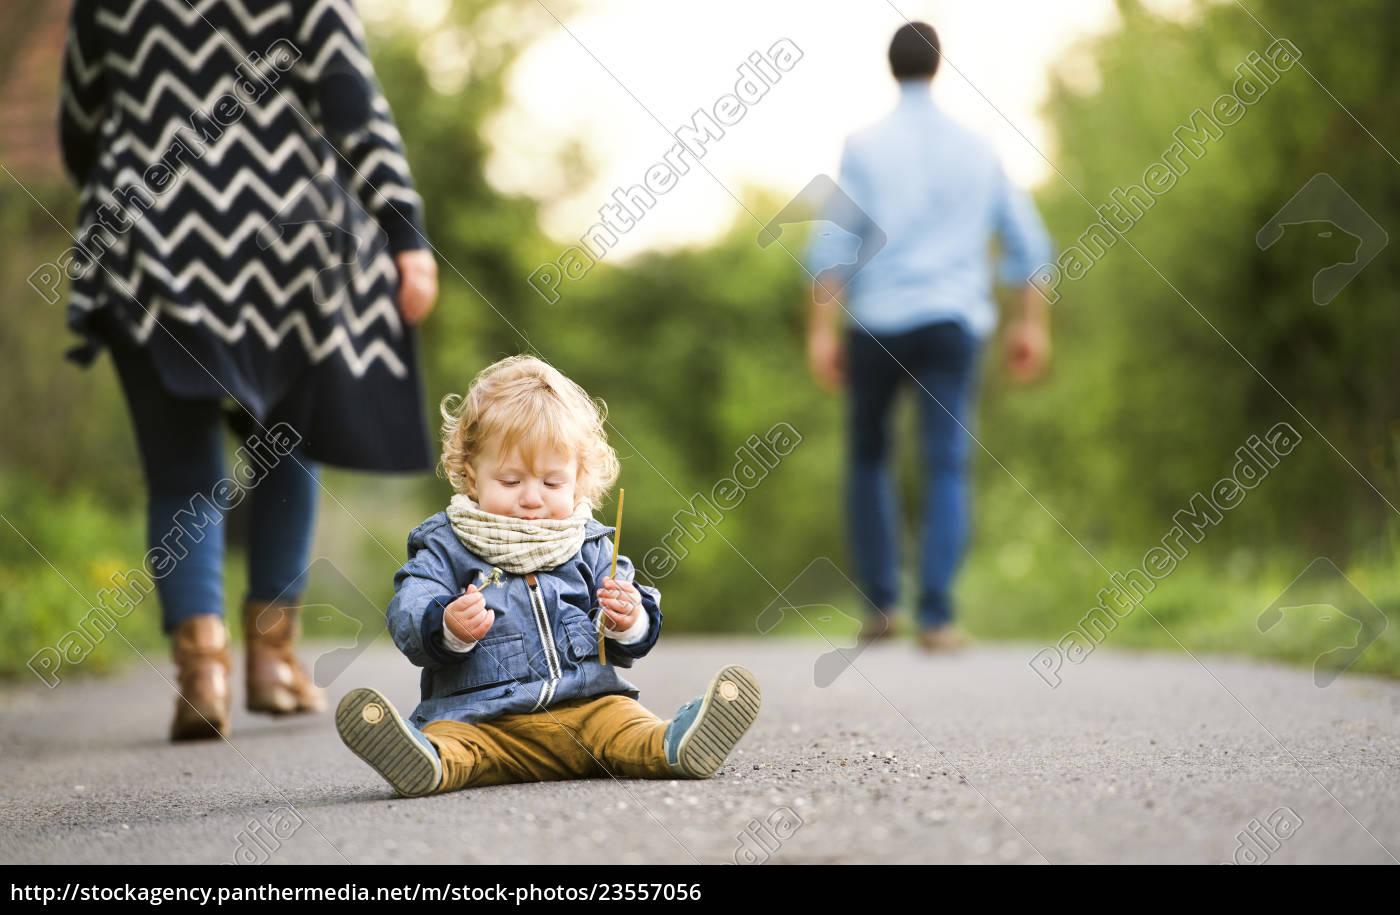 padres, dejando, a, little, boy, en - 23557056